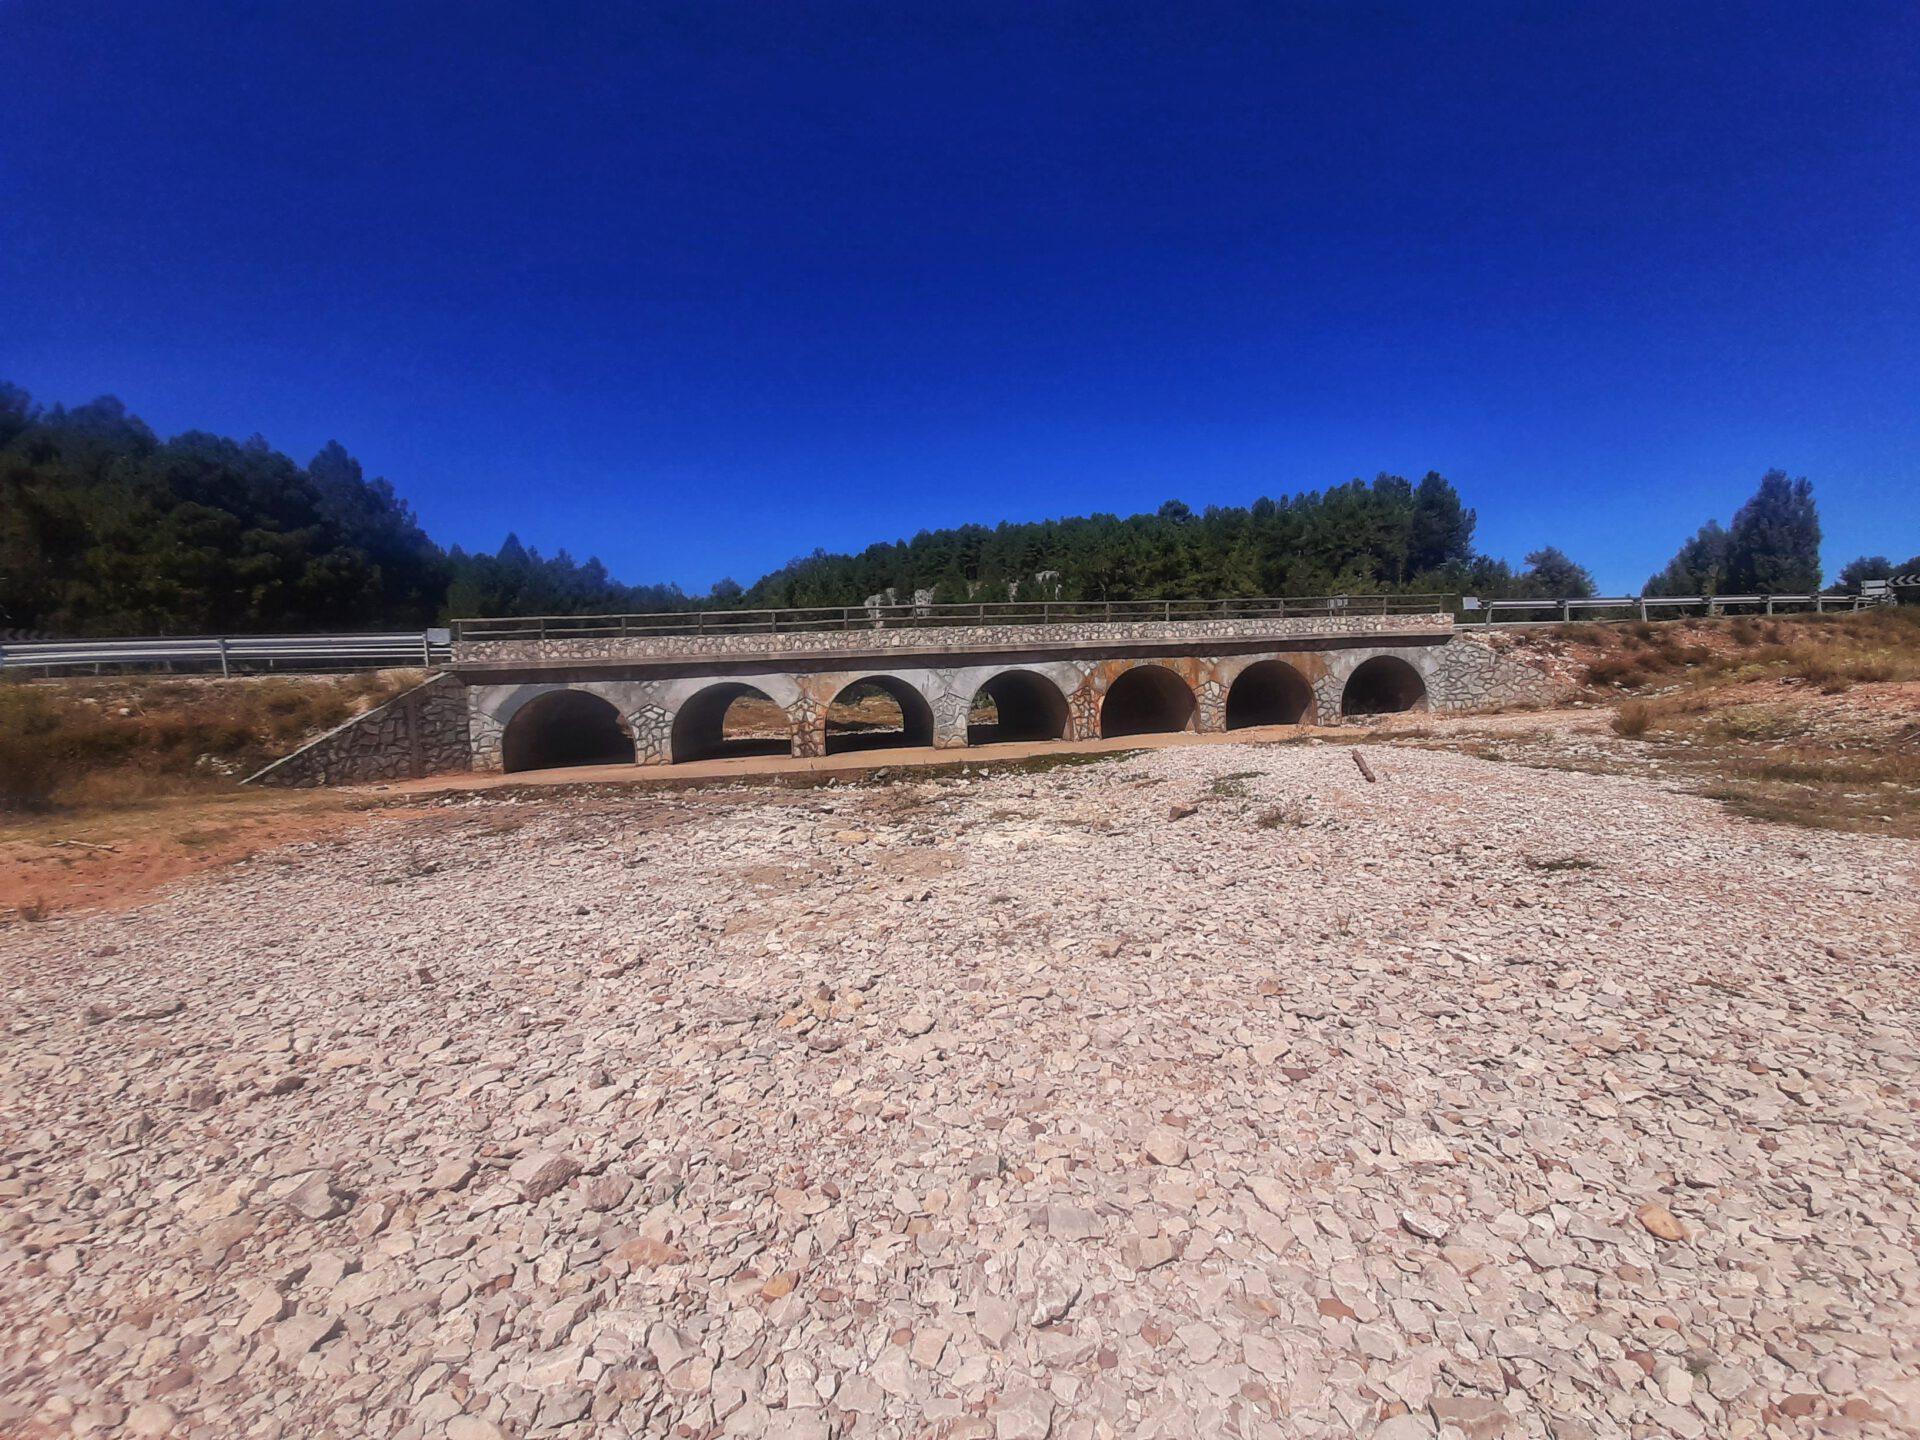 Puente_de_los_siete_ojos